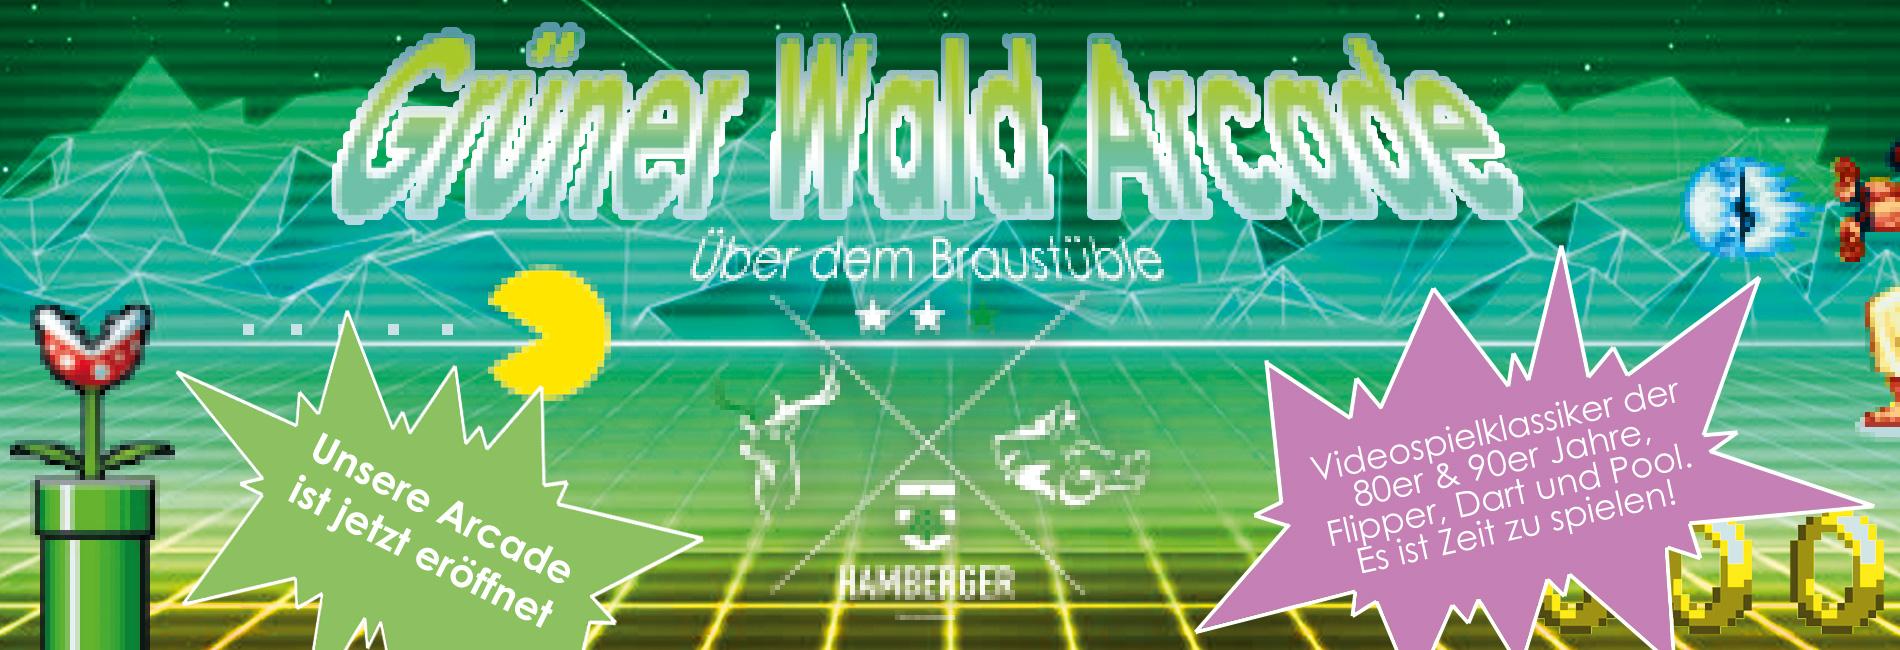 slider_startseite_650p_arcade